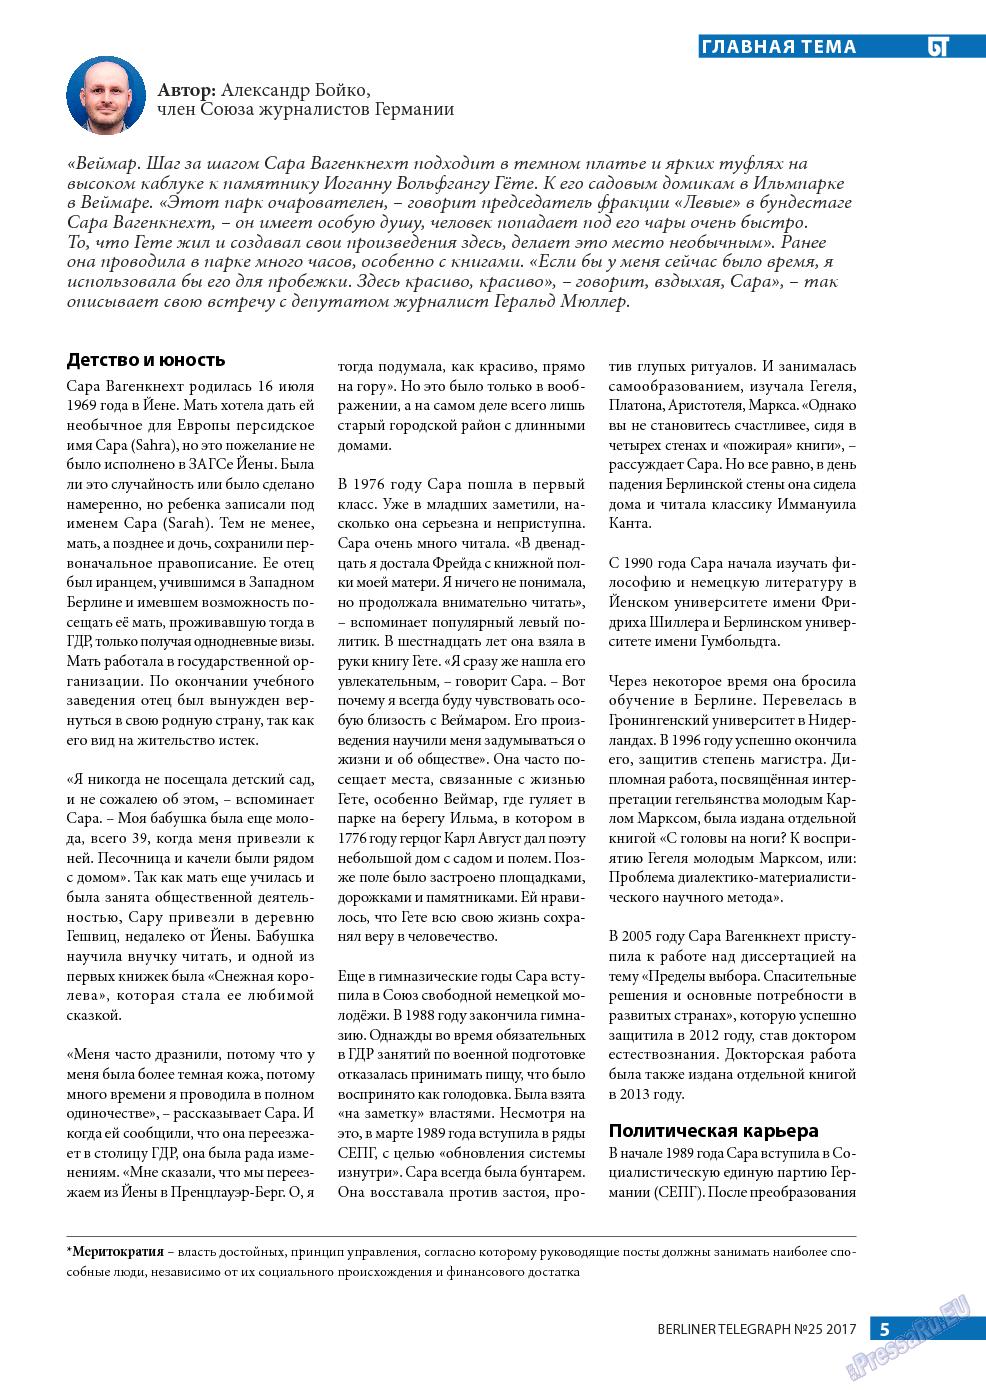 Берлинский телеграф (журнал). 2017 год, номер 25, стр. 5